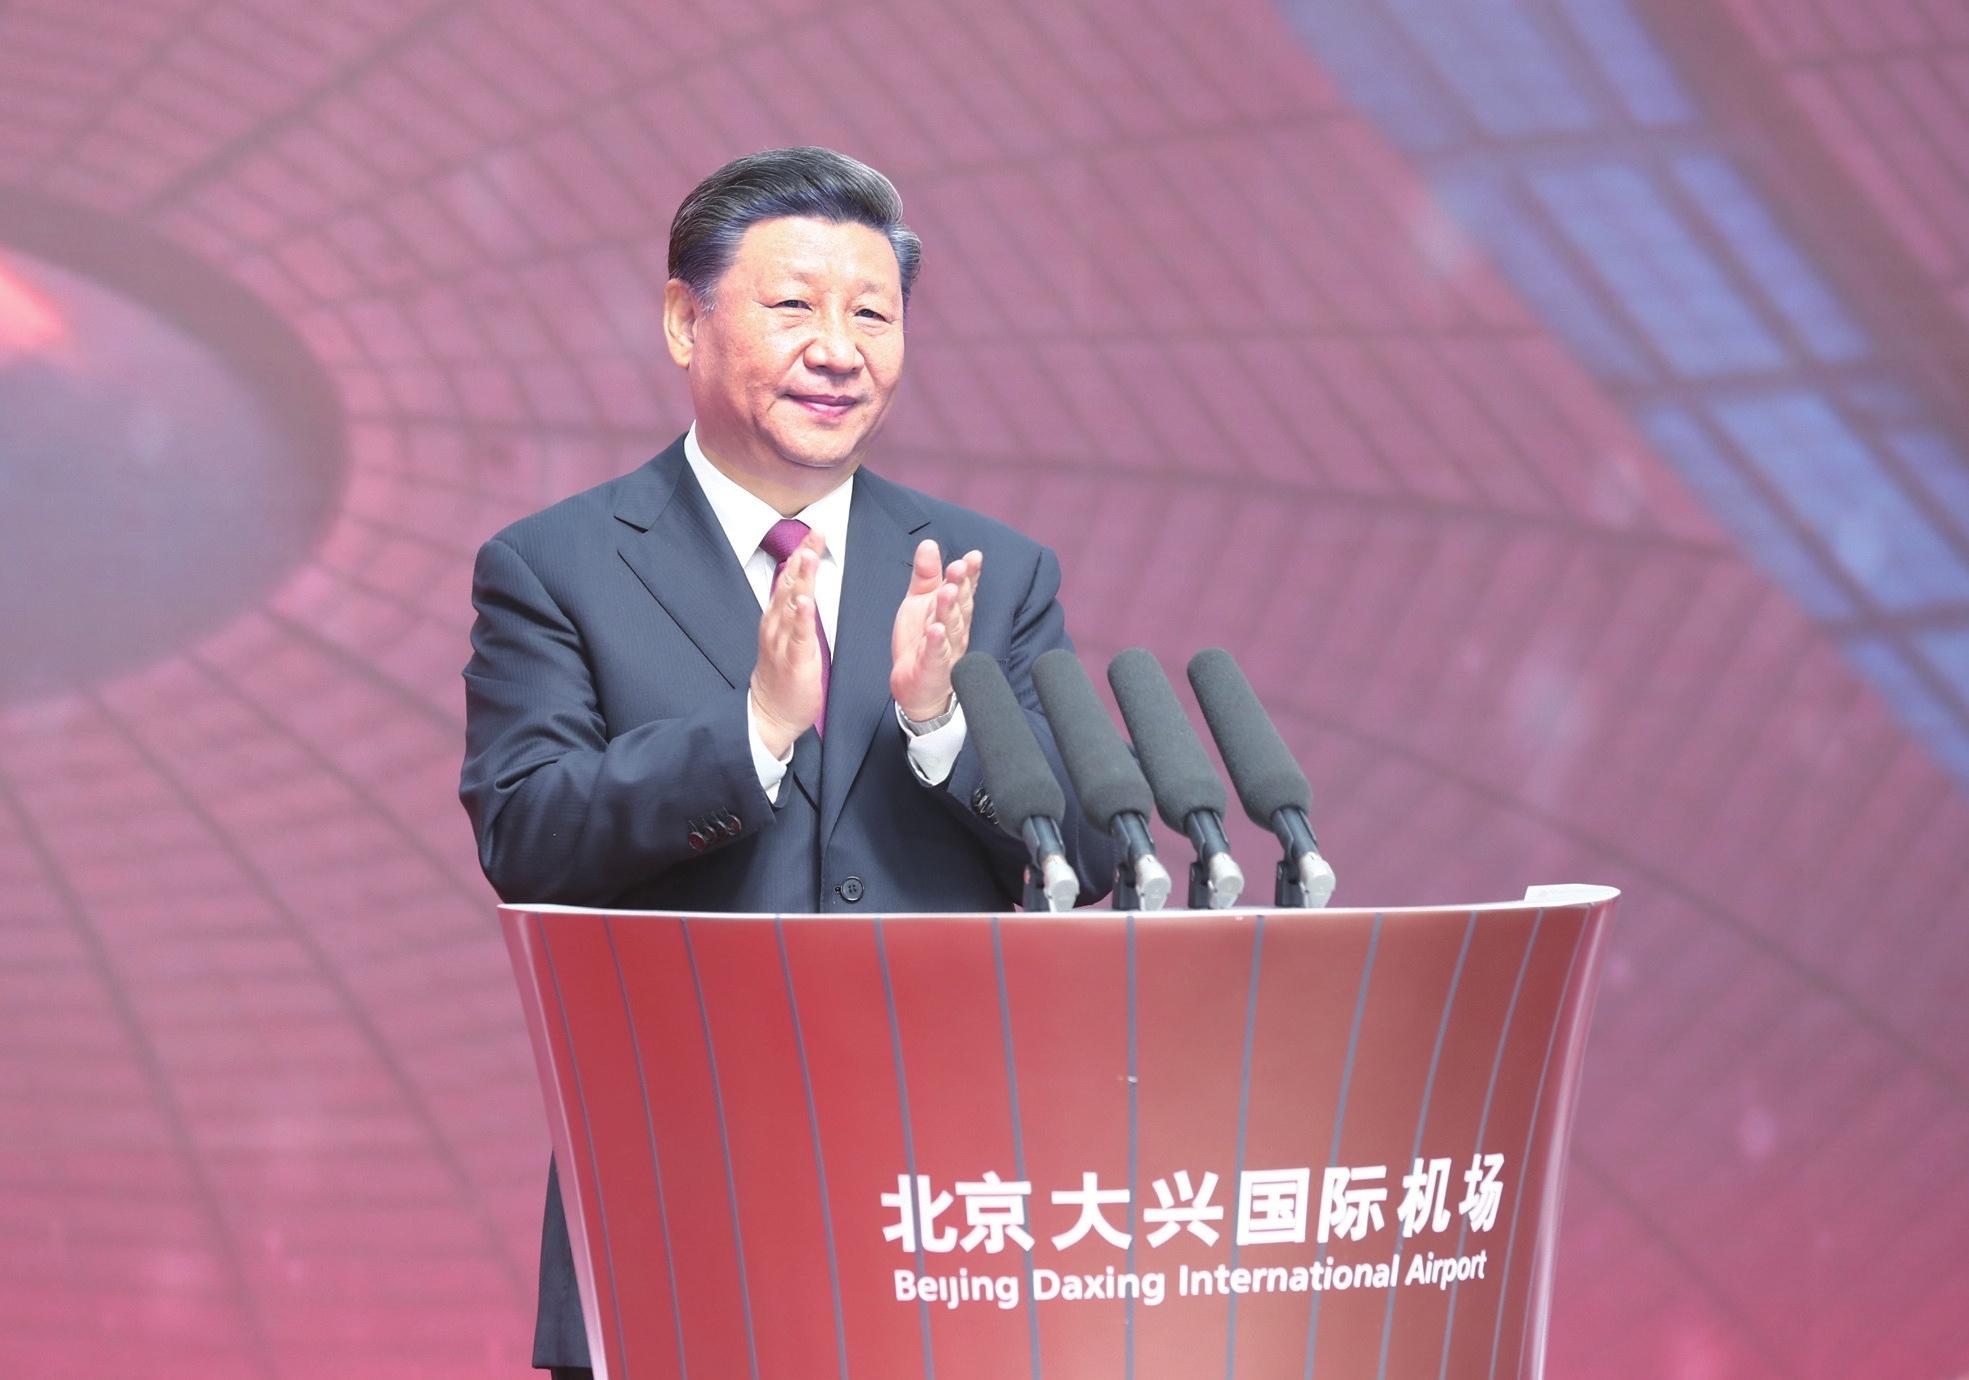 习近平宣布北京大兴国际机场正式投运